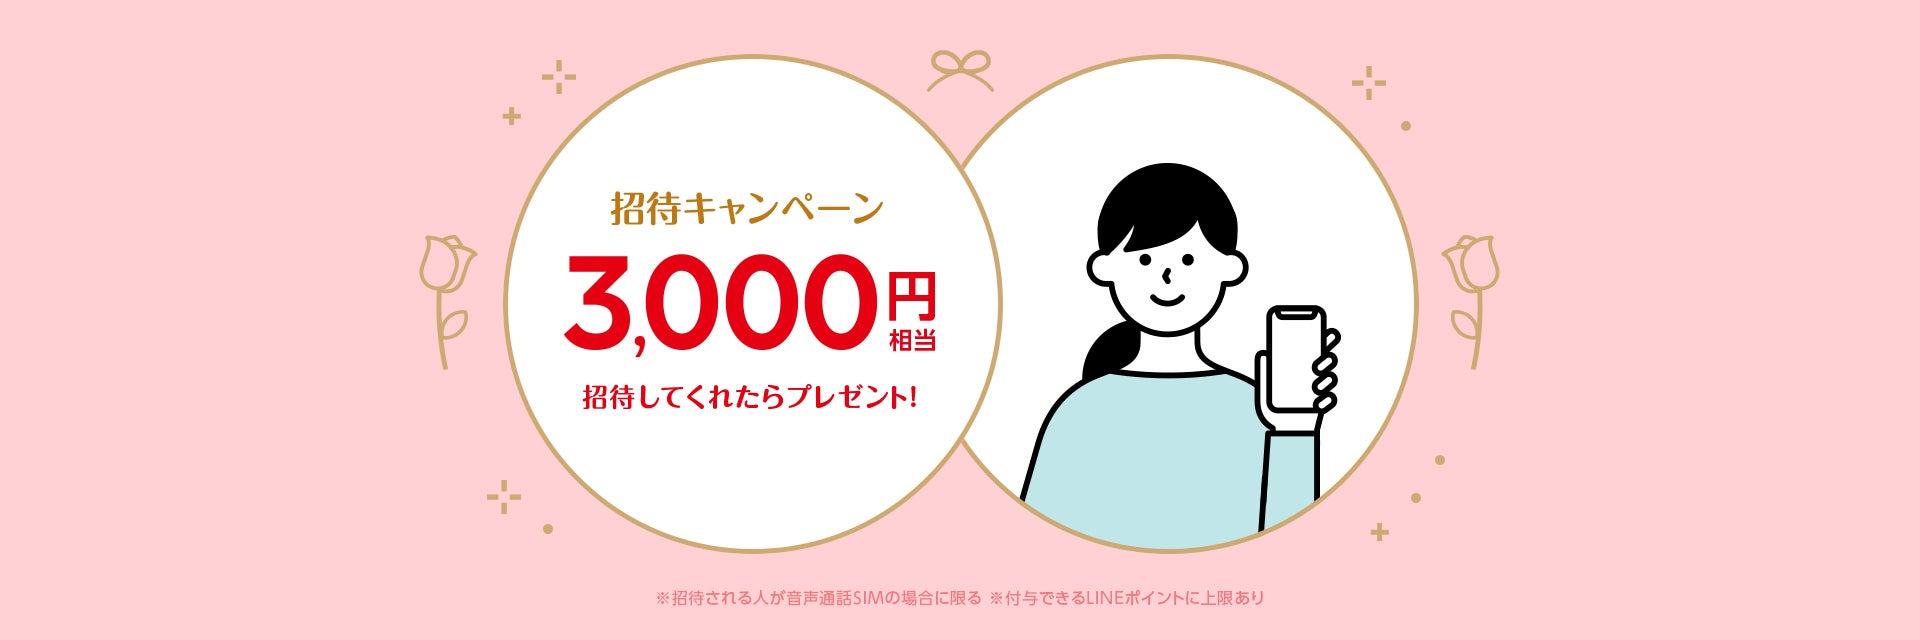 招待してくれたら3,000円相当プレゼント!招待キャンペーン